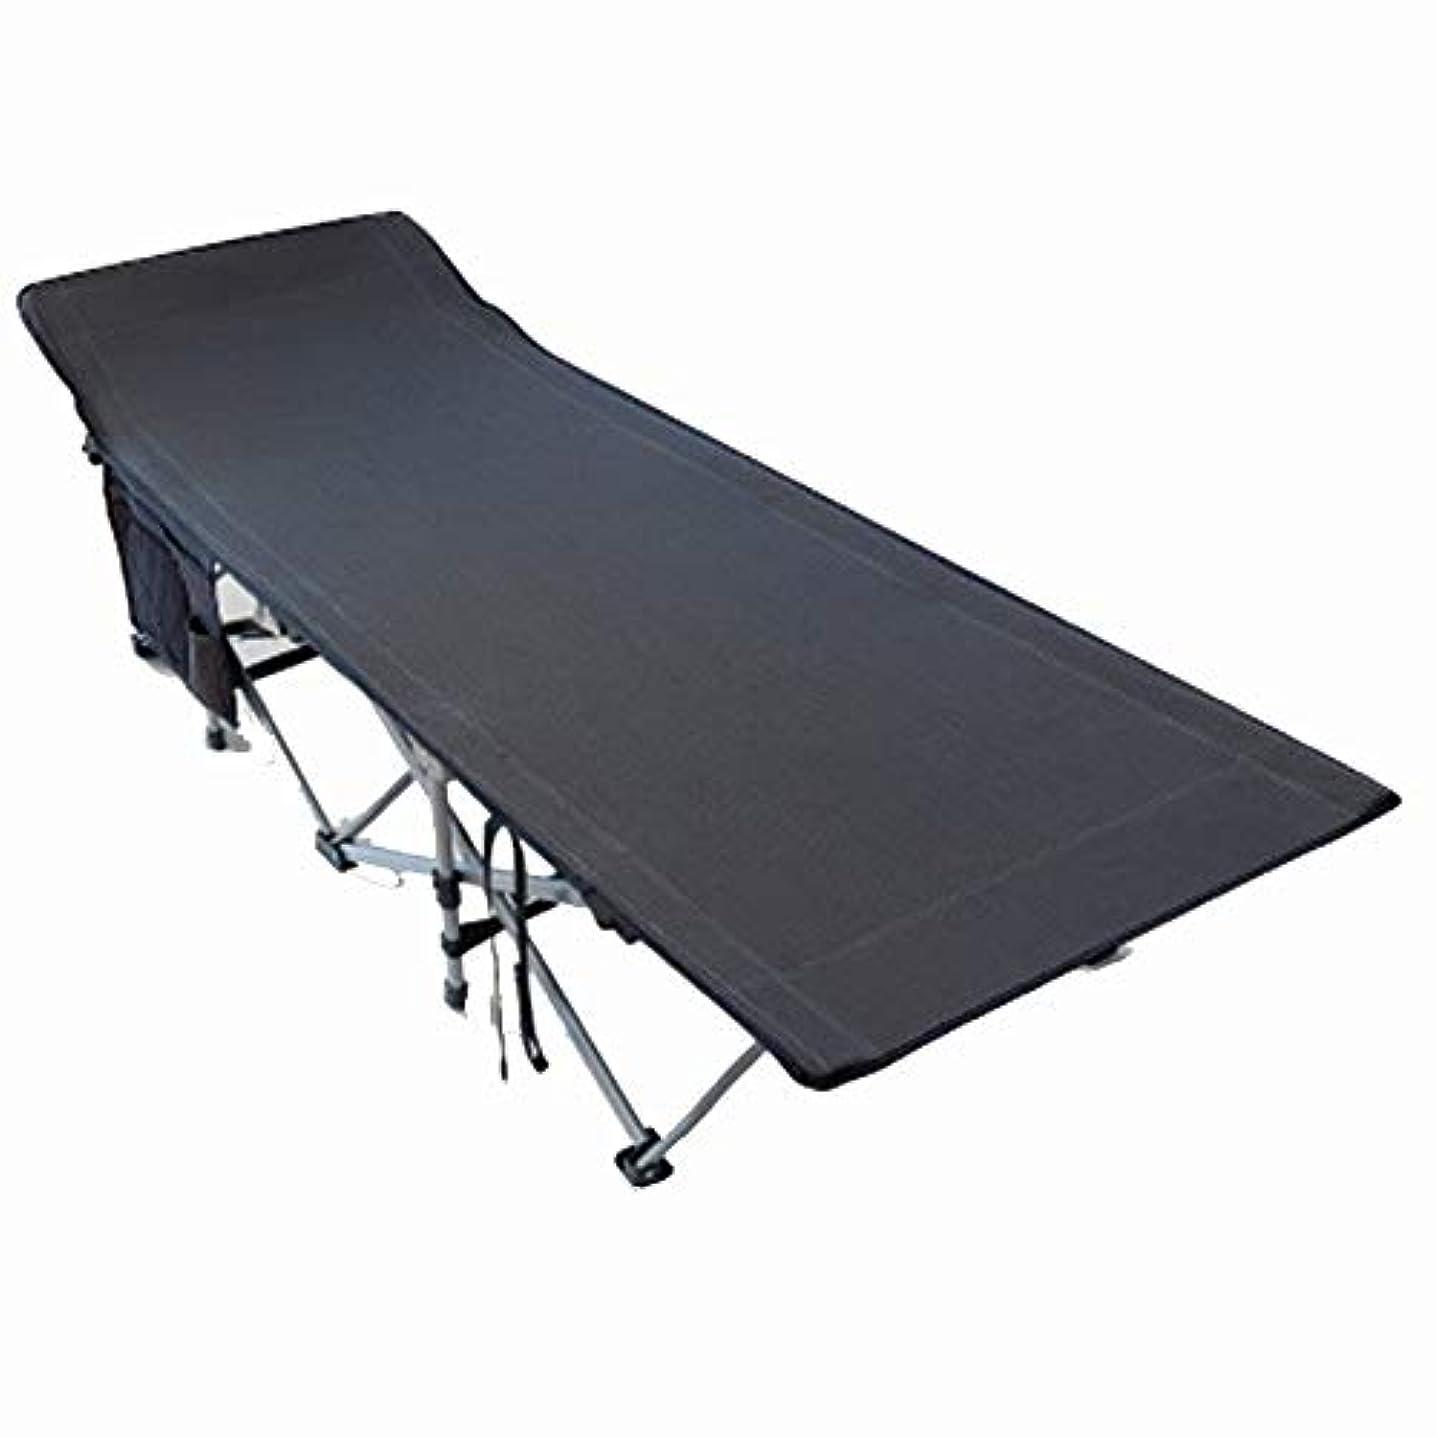 分類第二仮定屋外キャンプベッドアルミ折りたたみベッド大型軽量ベッド (Color : Black)